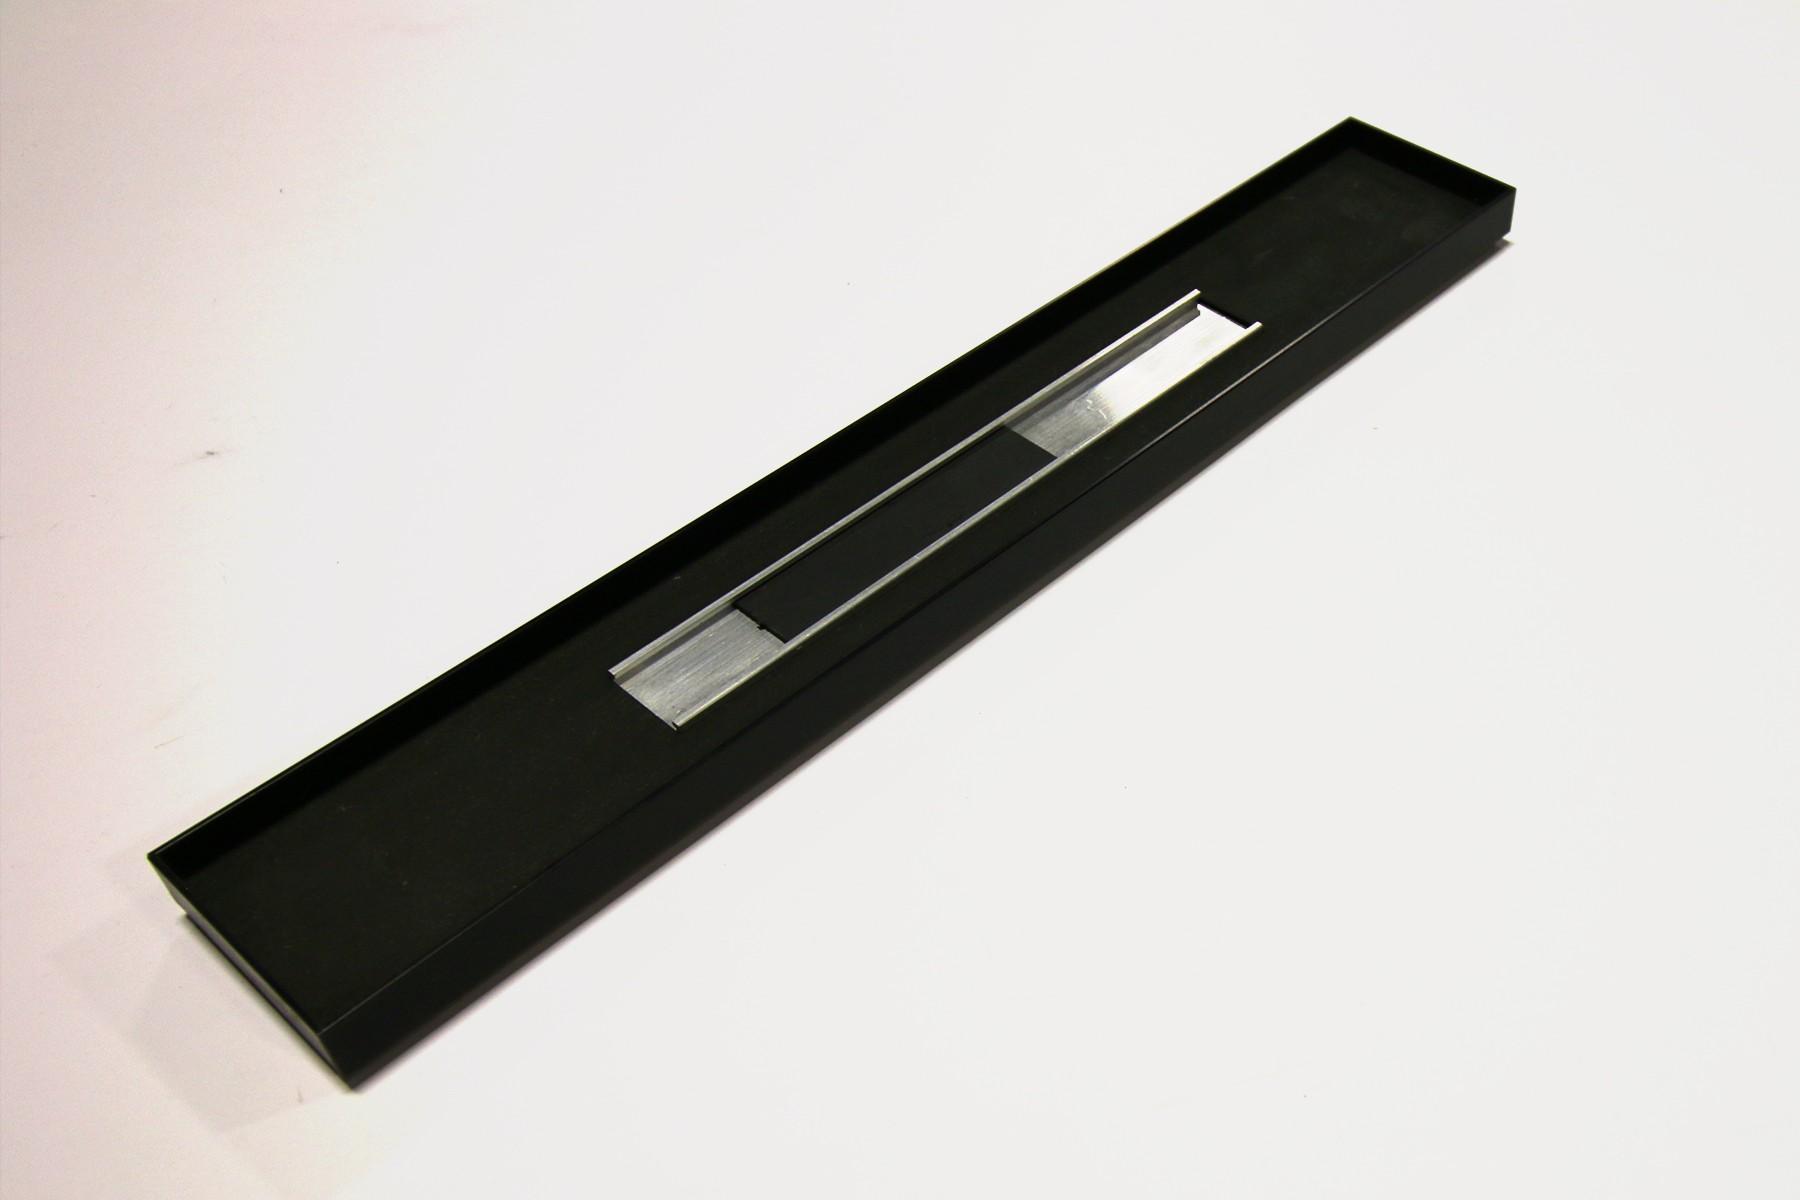 2x13 Sq Slider Frame, Black